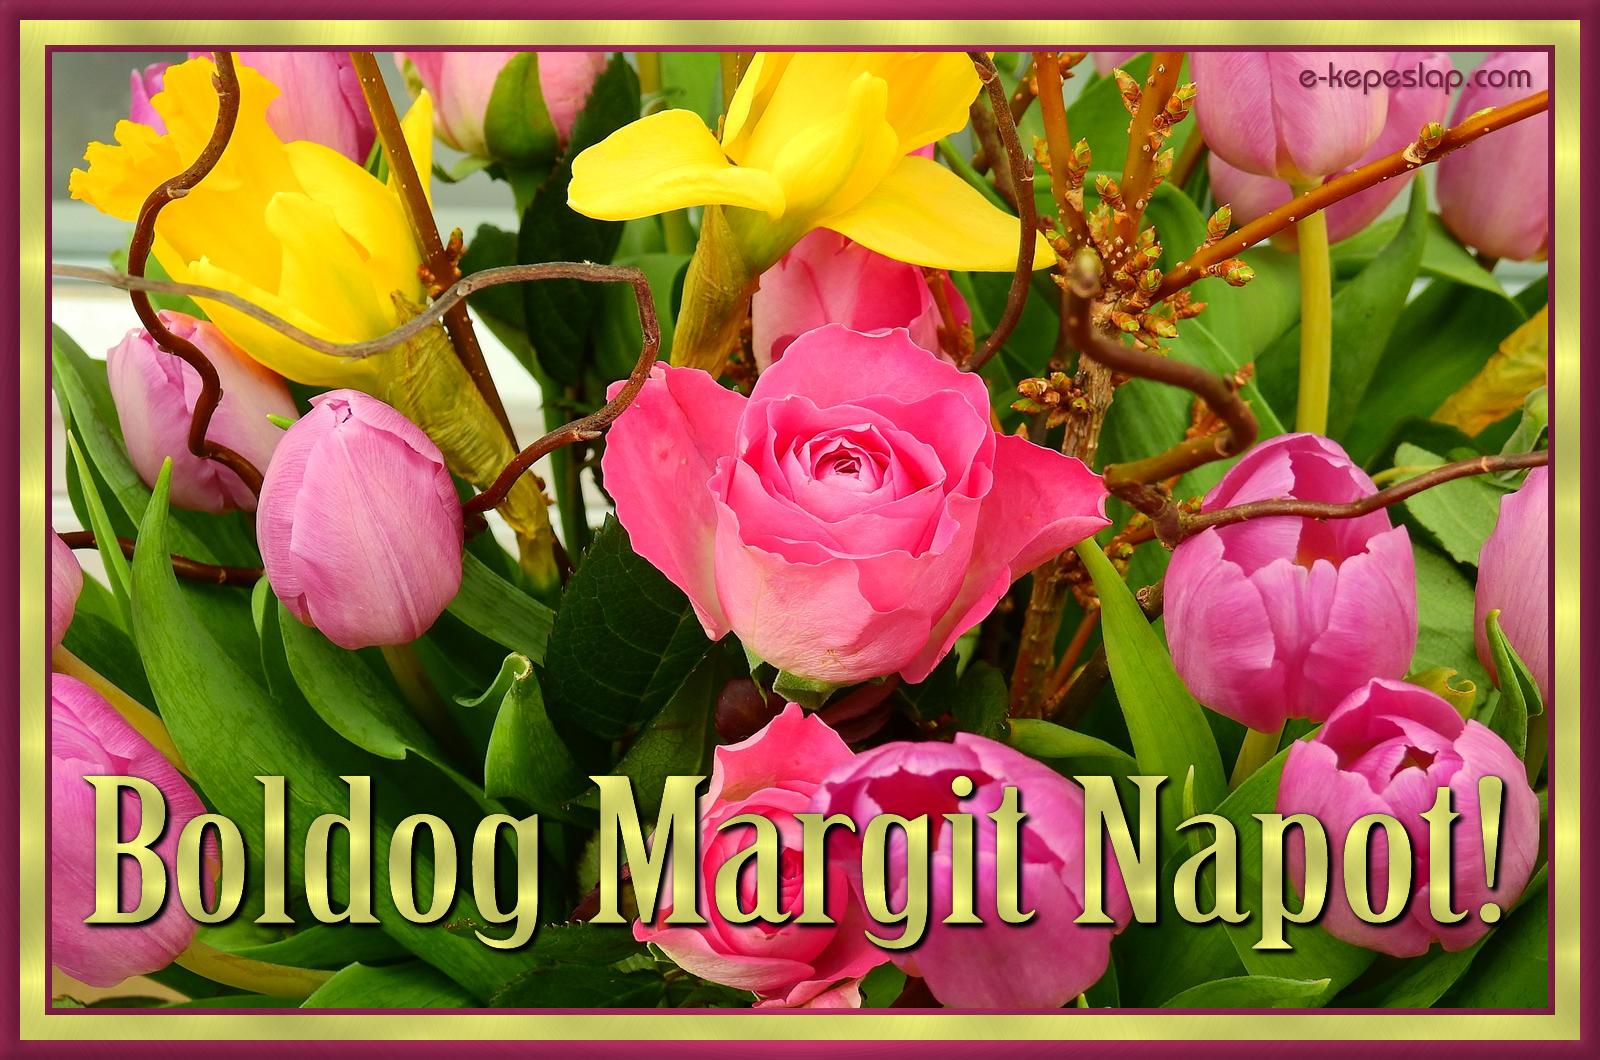 margit napi köszöntő Képeslap Margit napra   Képeslapküldés   e kepeslap.com margit napi köszöntő